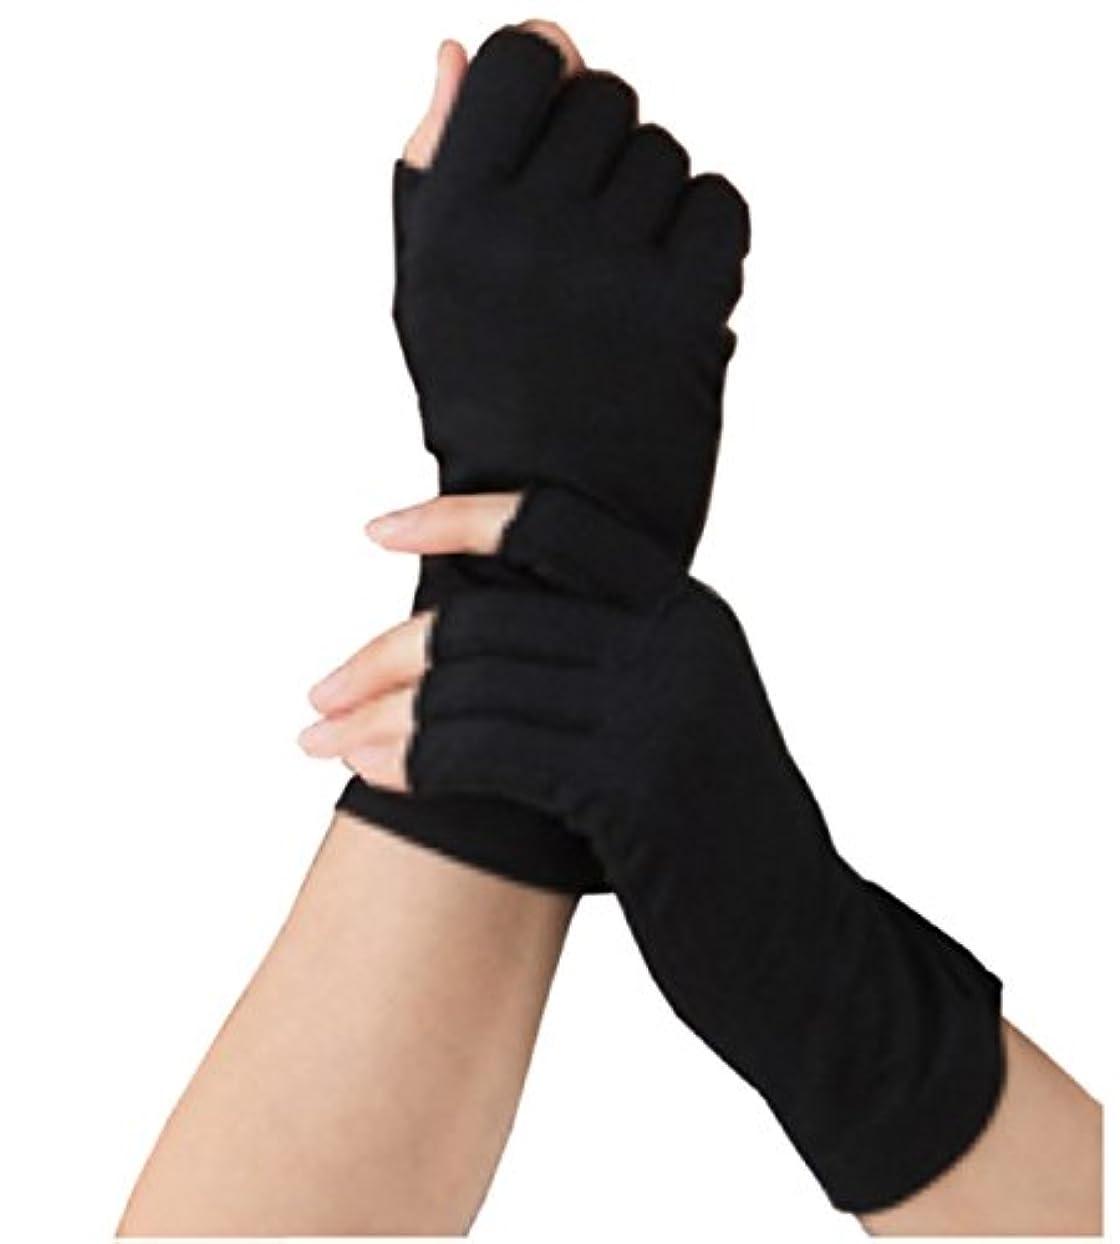 考えた大マトンSilk 100% シルク 手袋 指先カット タイプ 薄手 オールシーズンOK 外出時の 紫外線 UV 対策 スマホ PC 操作 や ICカード 取り出しもらくらく! 手首 ゆったり おやすみ フィンガーレス スキンケア...